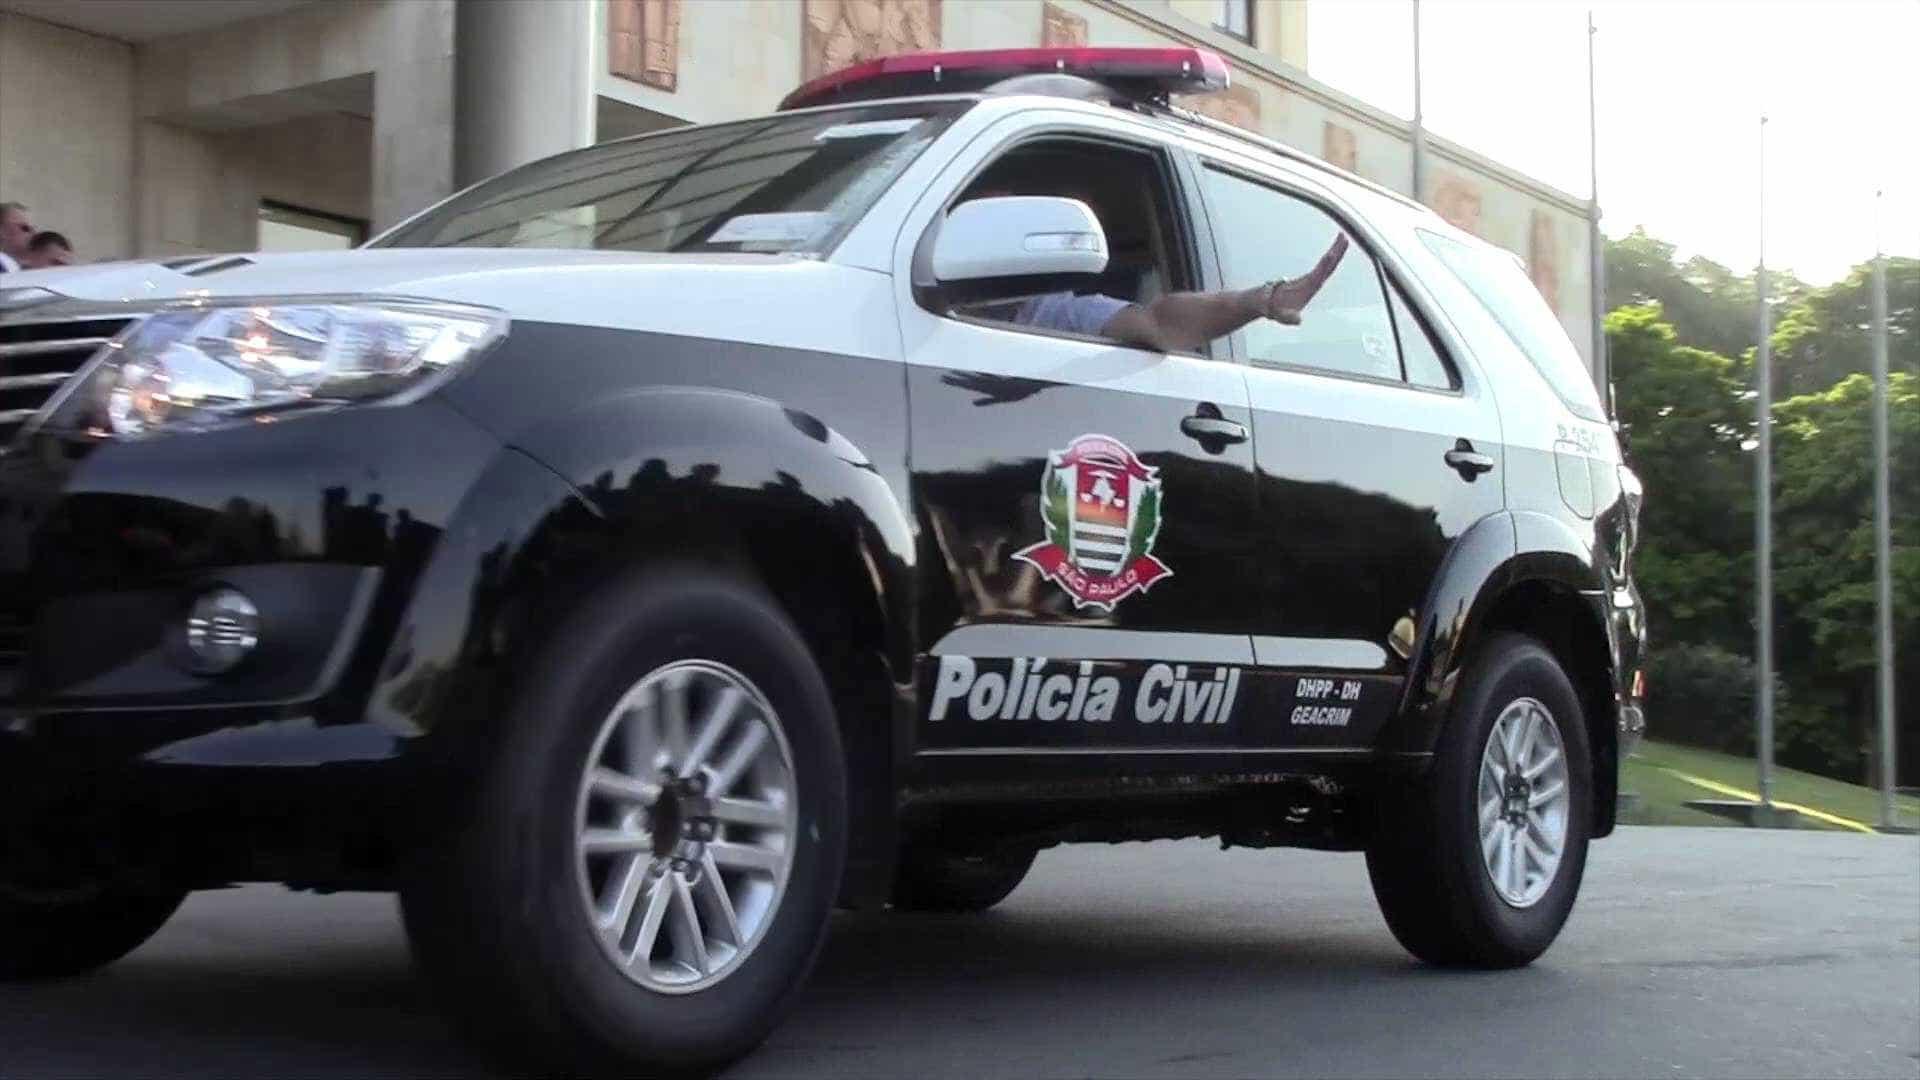 Policial reage, e amigo é morto durante assalto em padaria de São Paulo